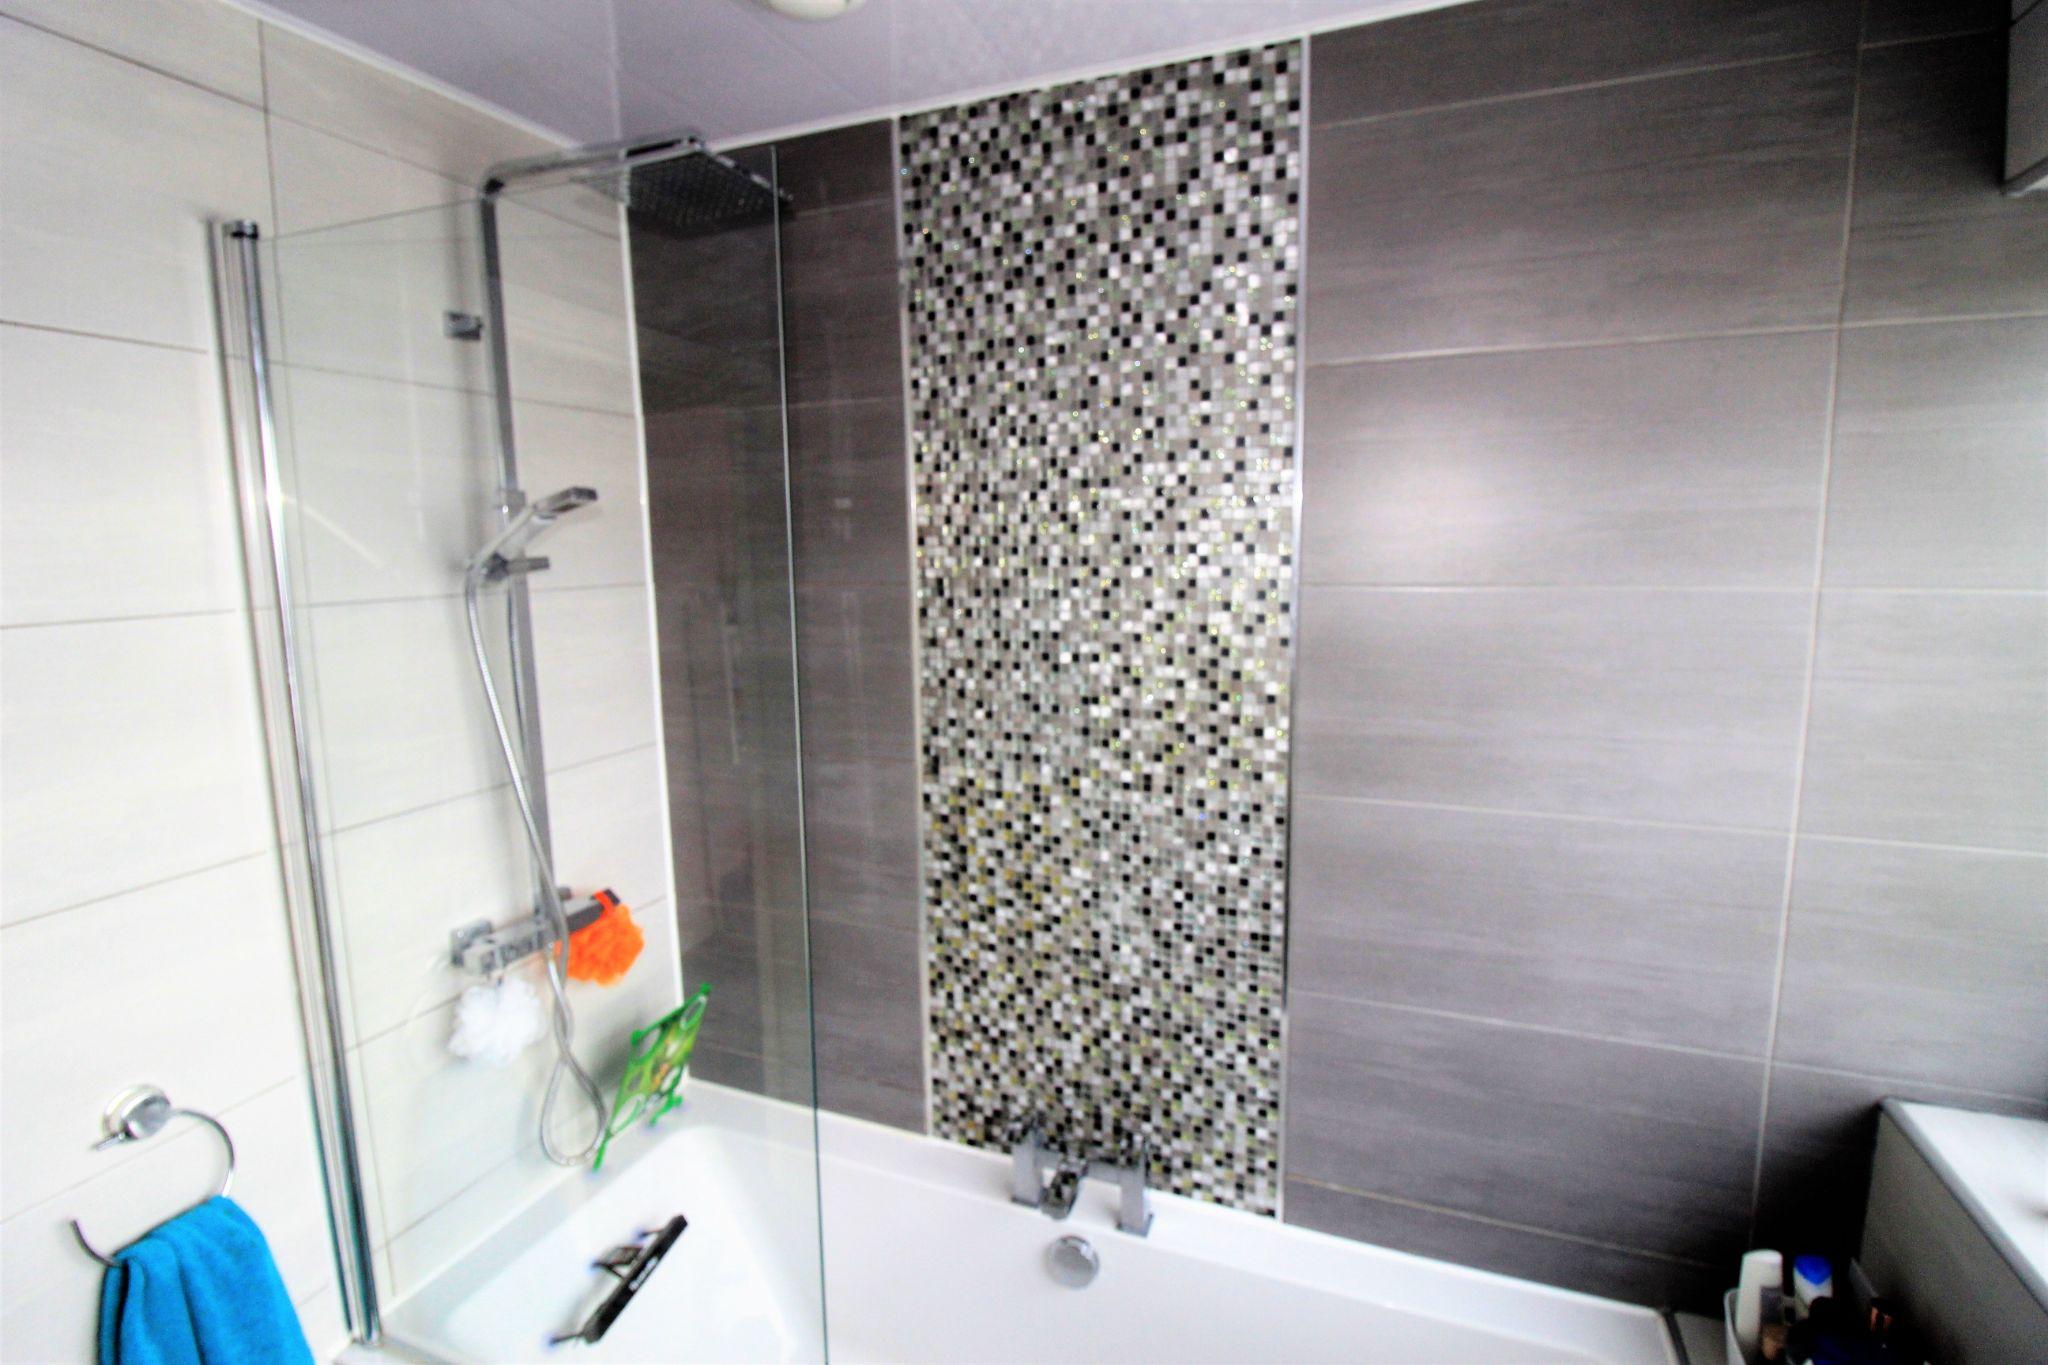 3 bedroom semi-detached house SSTC in Shipley - Bathroom